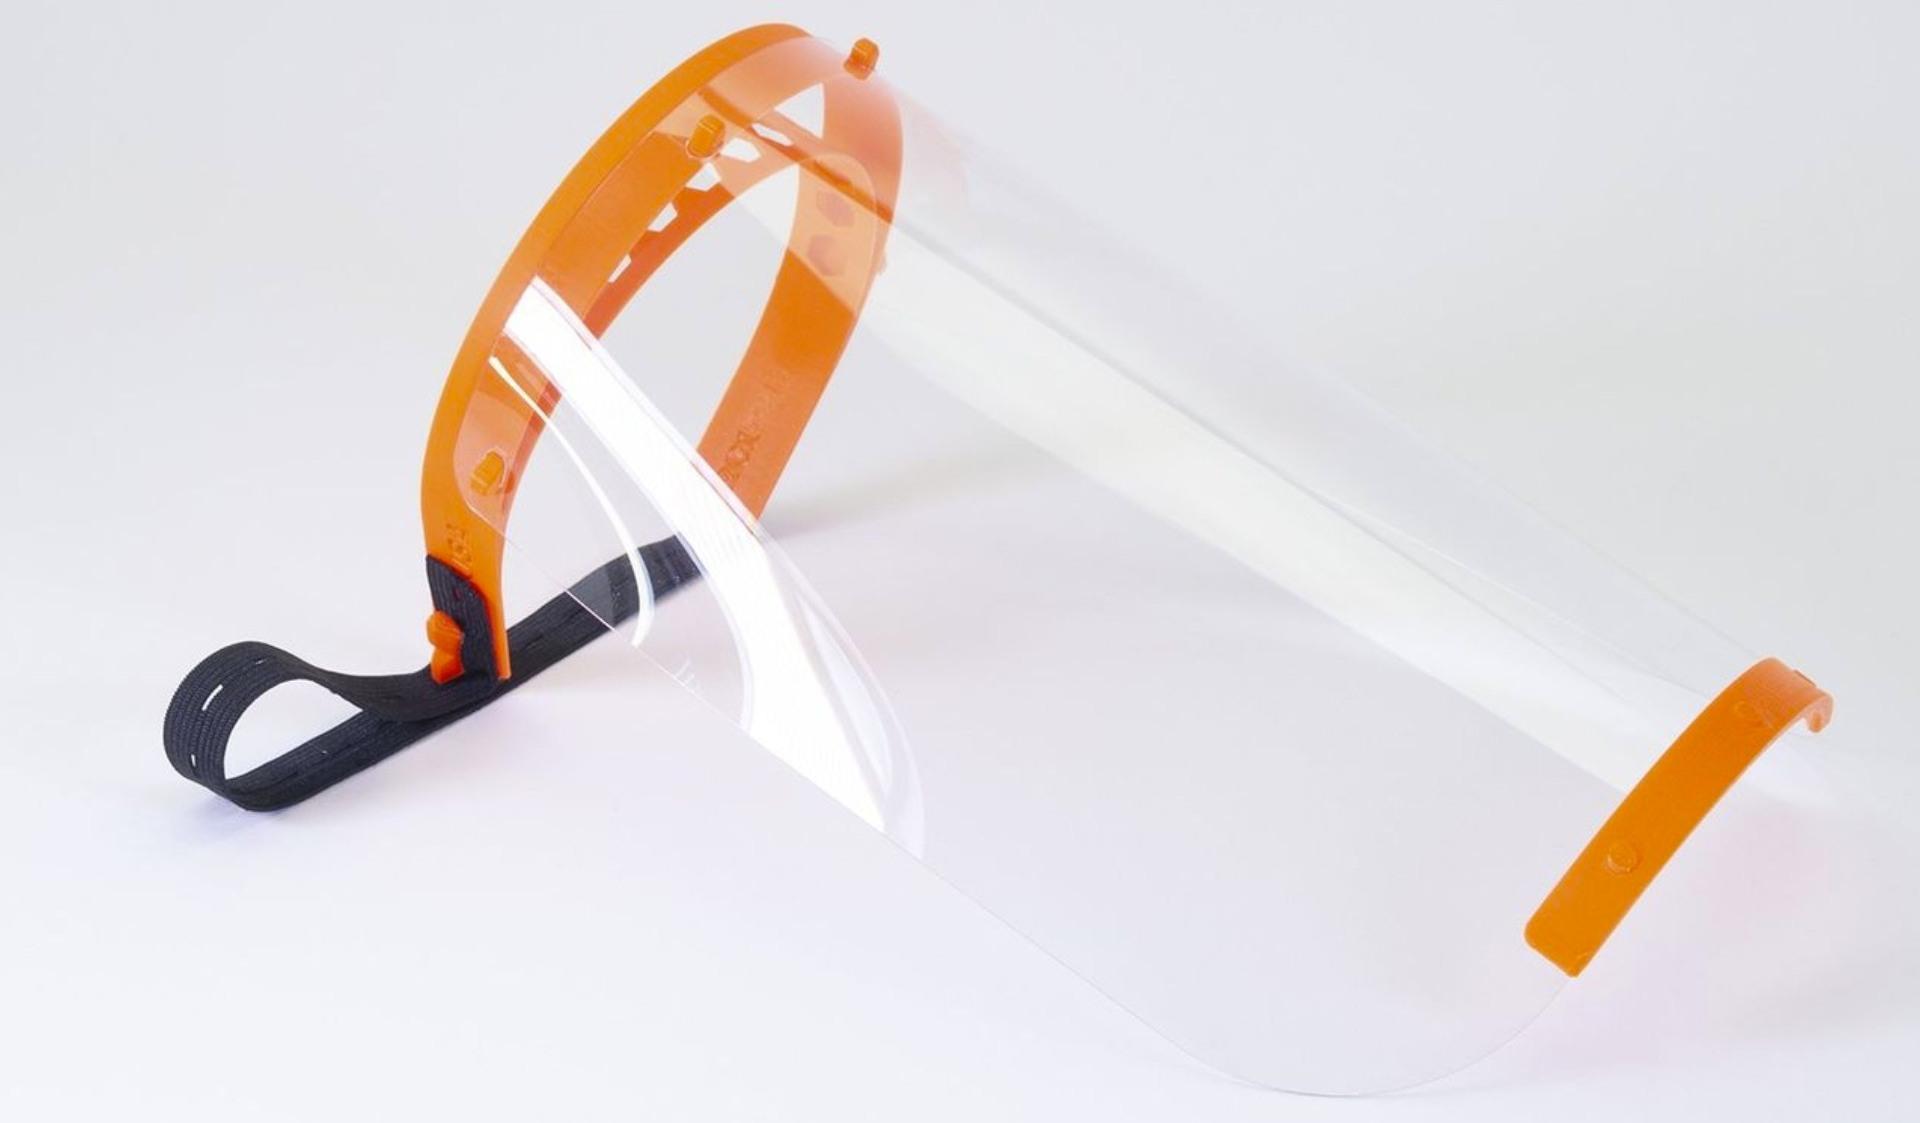 イギリスの3Dプリンター・ユーザーグループが共同でフェイスシールドとフェイスマスクの製造を開始